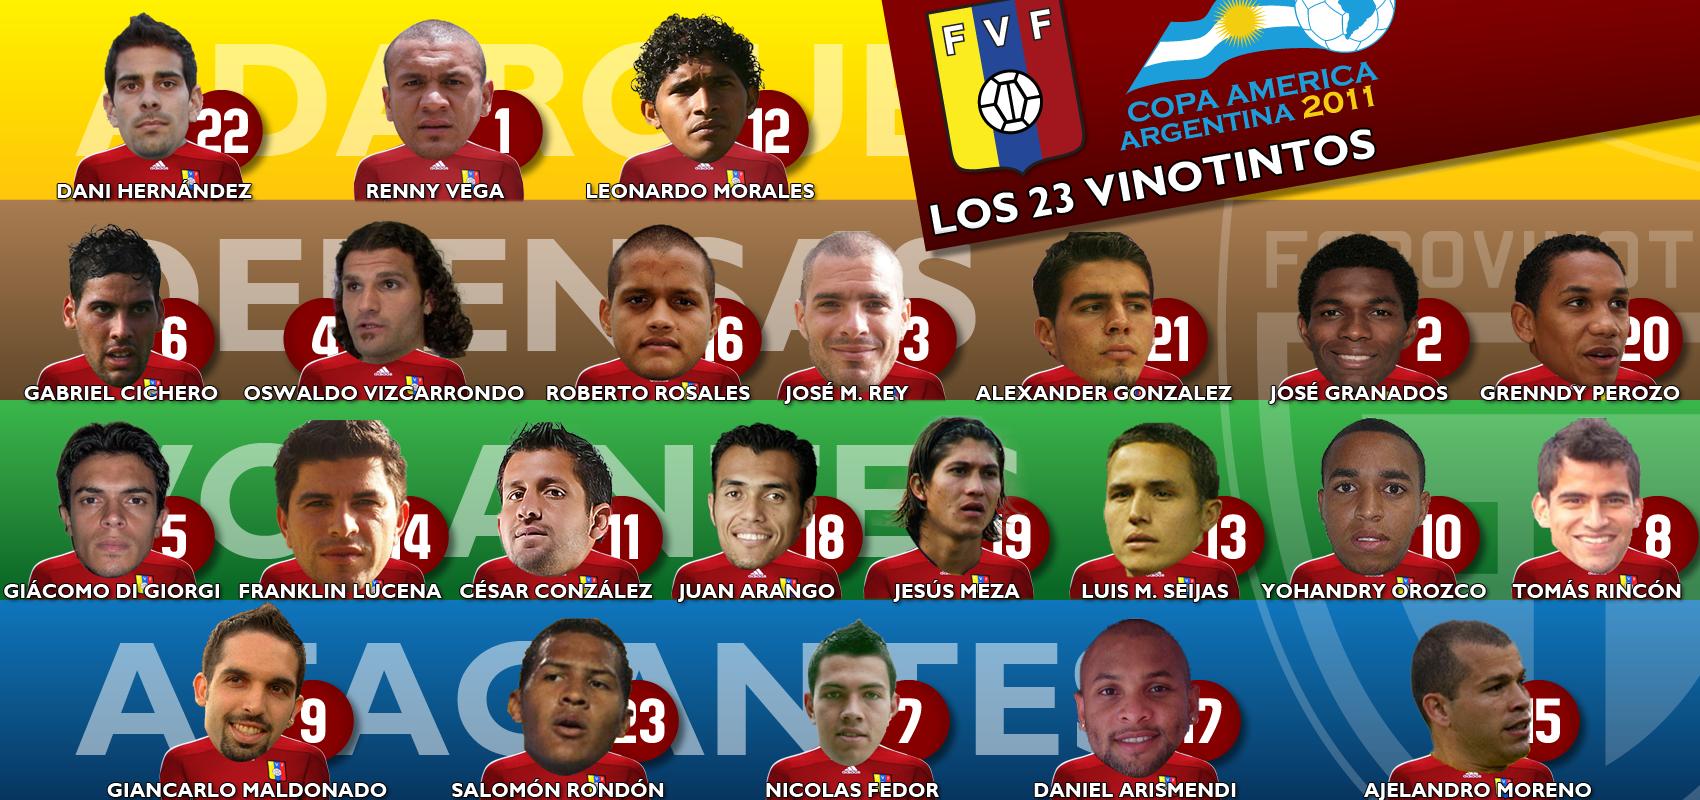 Los 23 Vinotintos a la Copa América Argentina 2011 Vinotintos